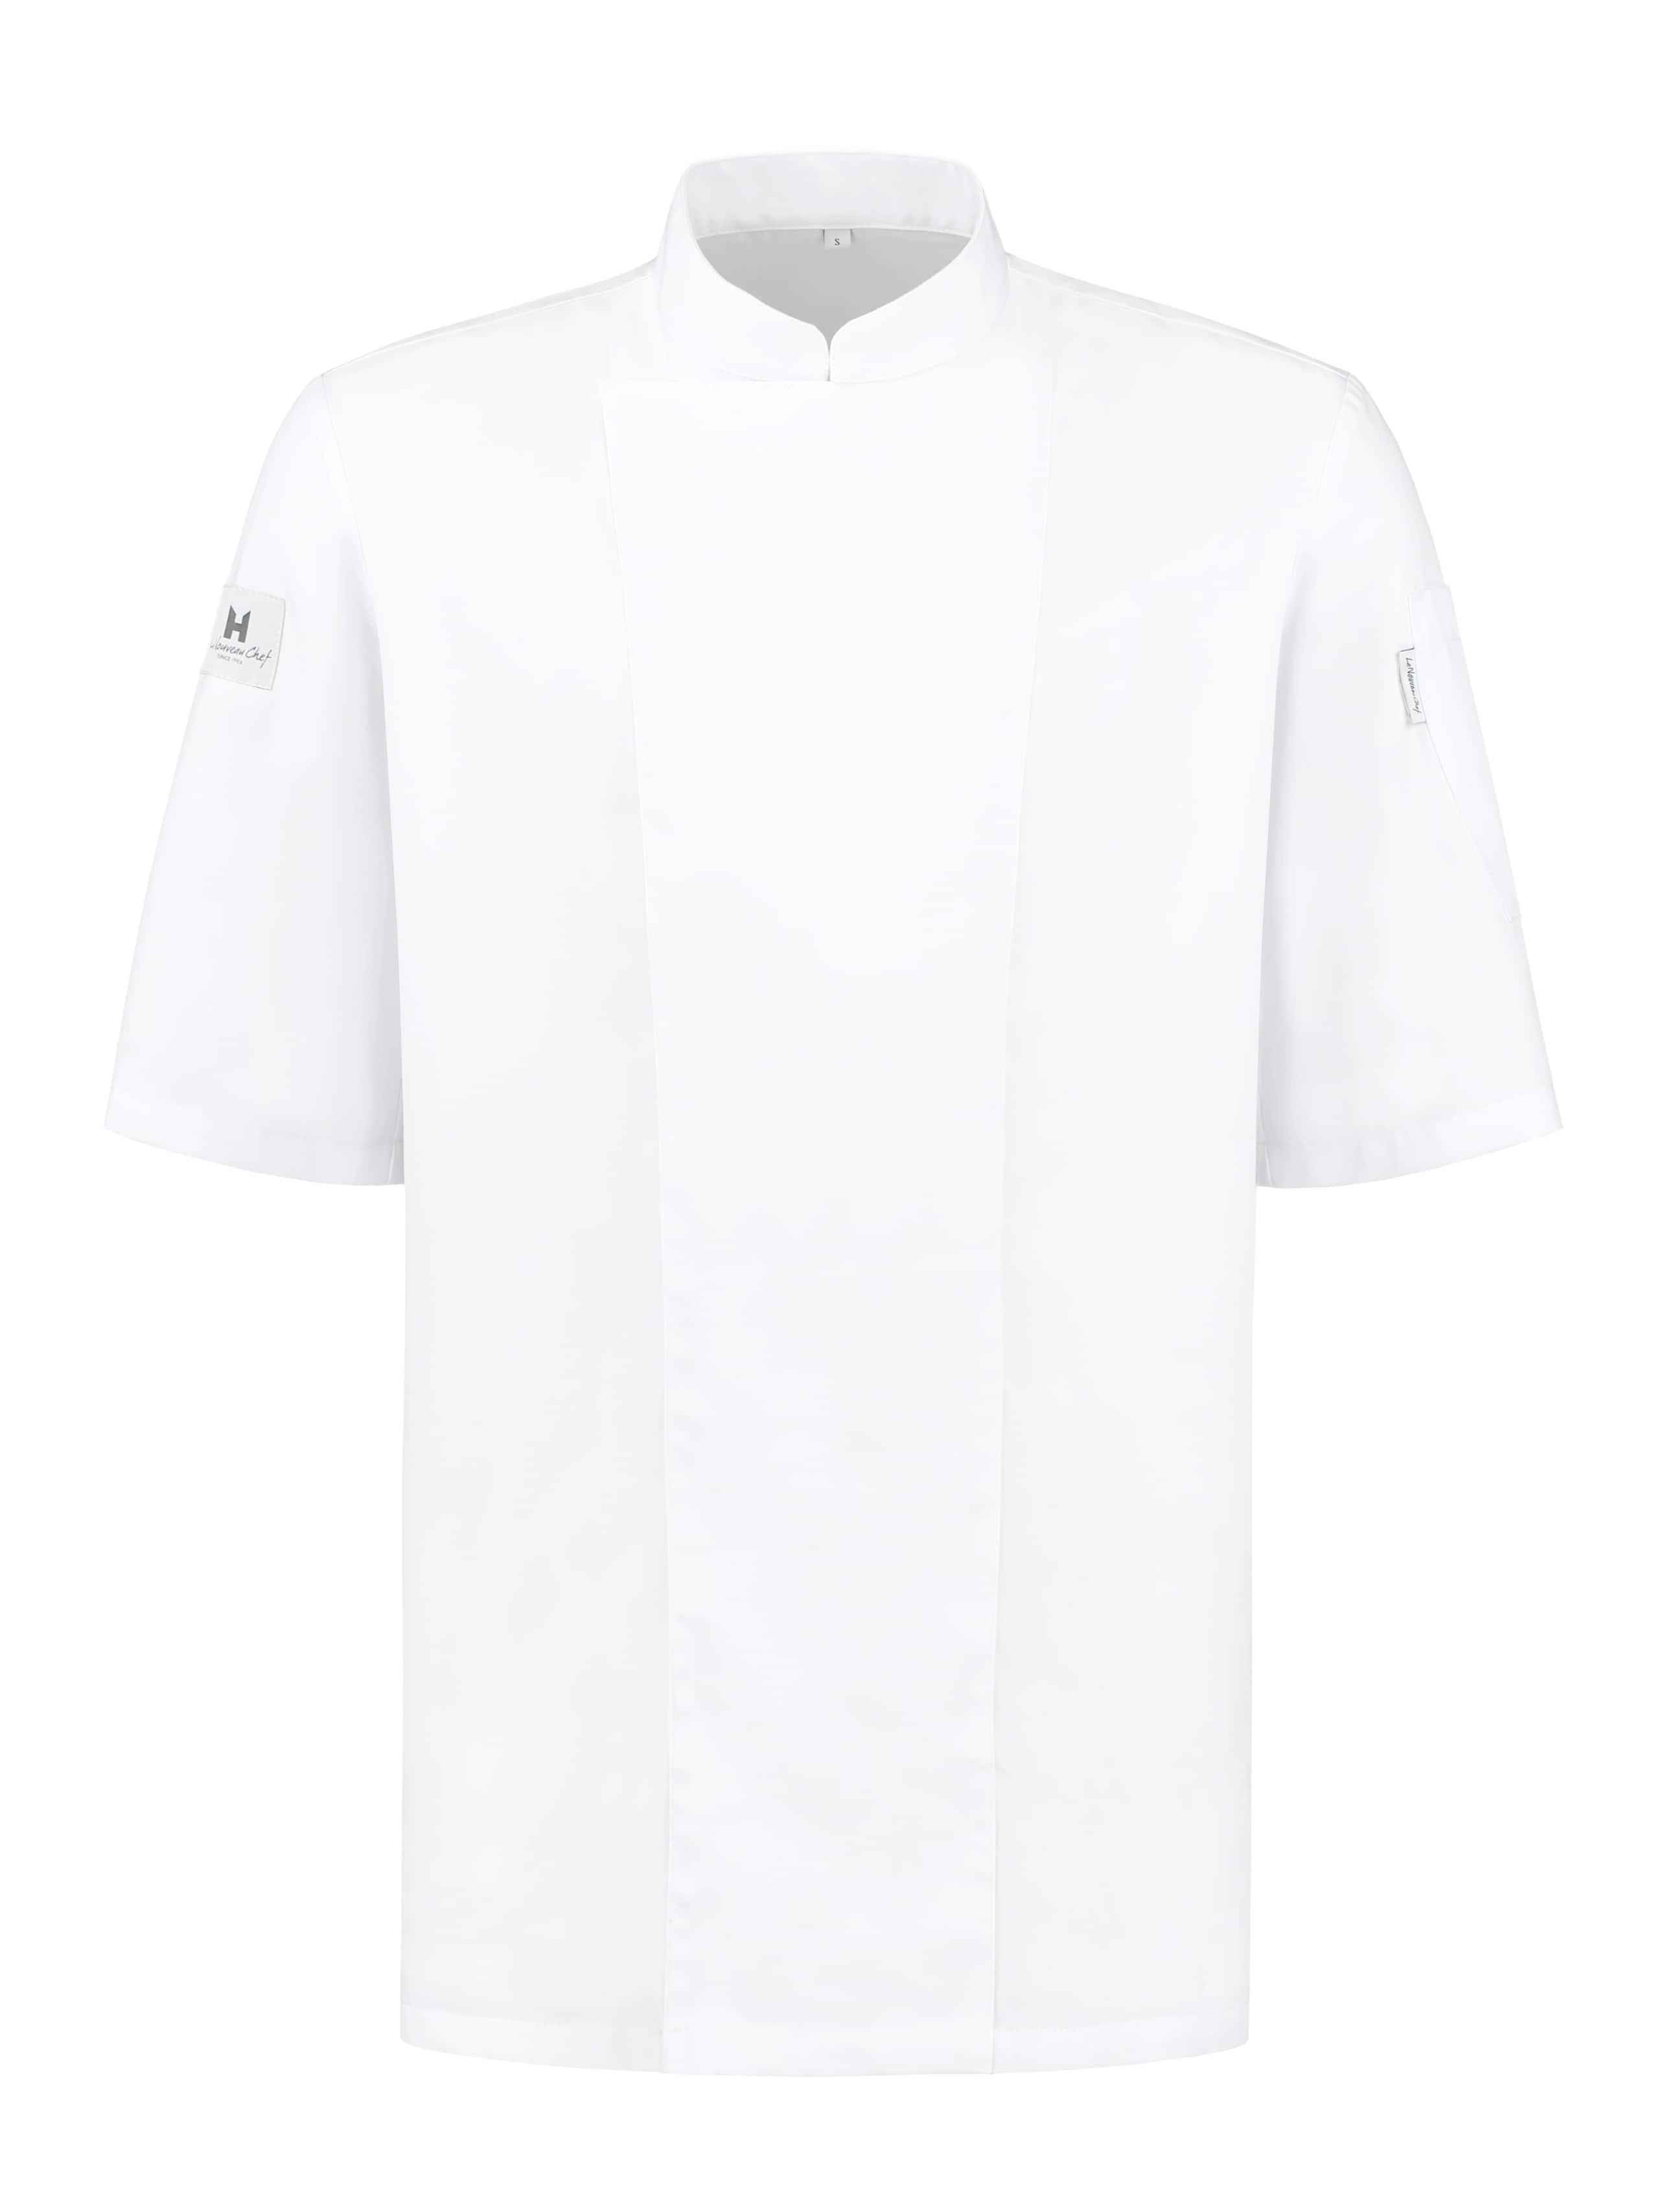 Chef Jacket Basix 1 Short Sleeve White